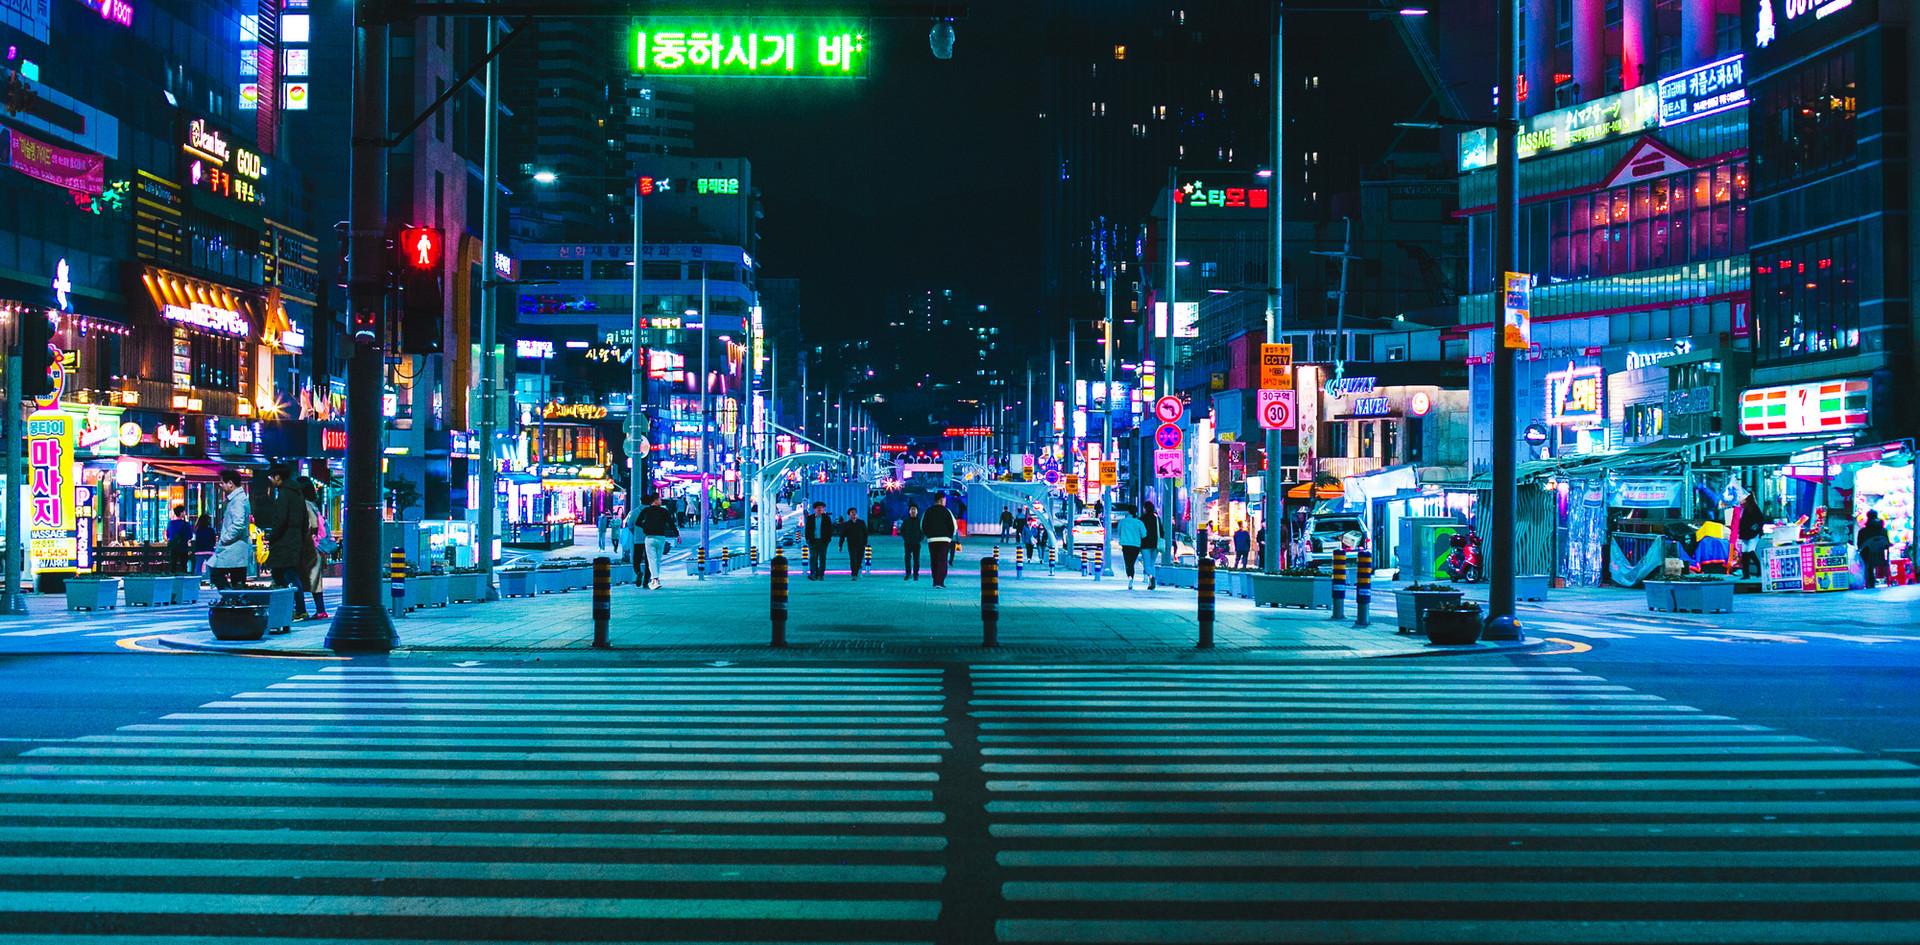 Haeundae Night View